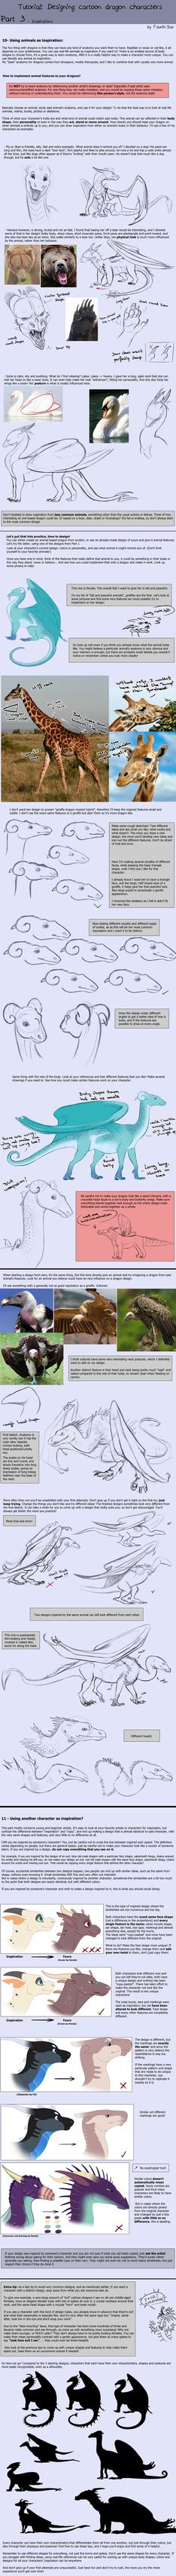 Tutorial: Dragon Designing Tips - part 3/3 by SeaSaltShrimp